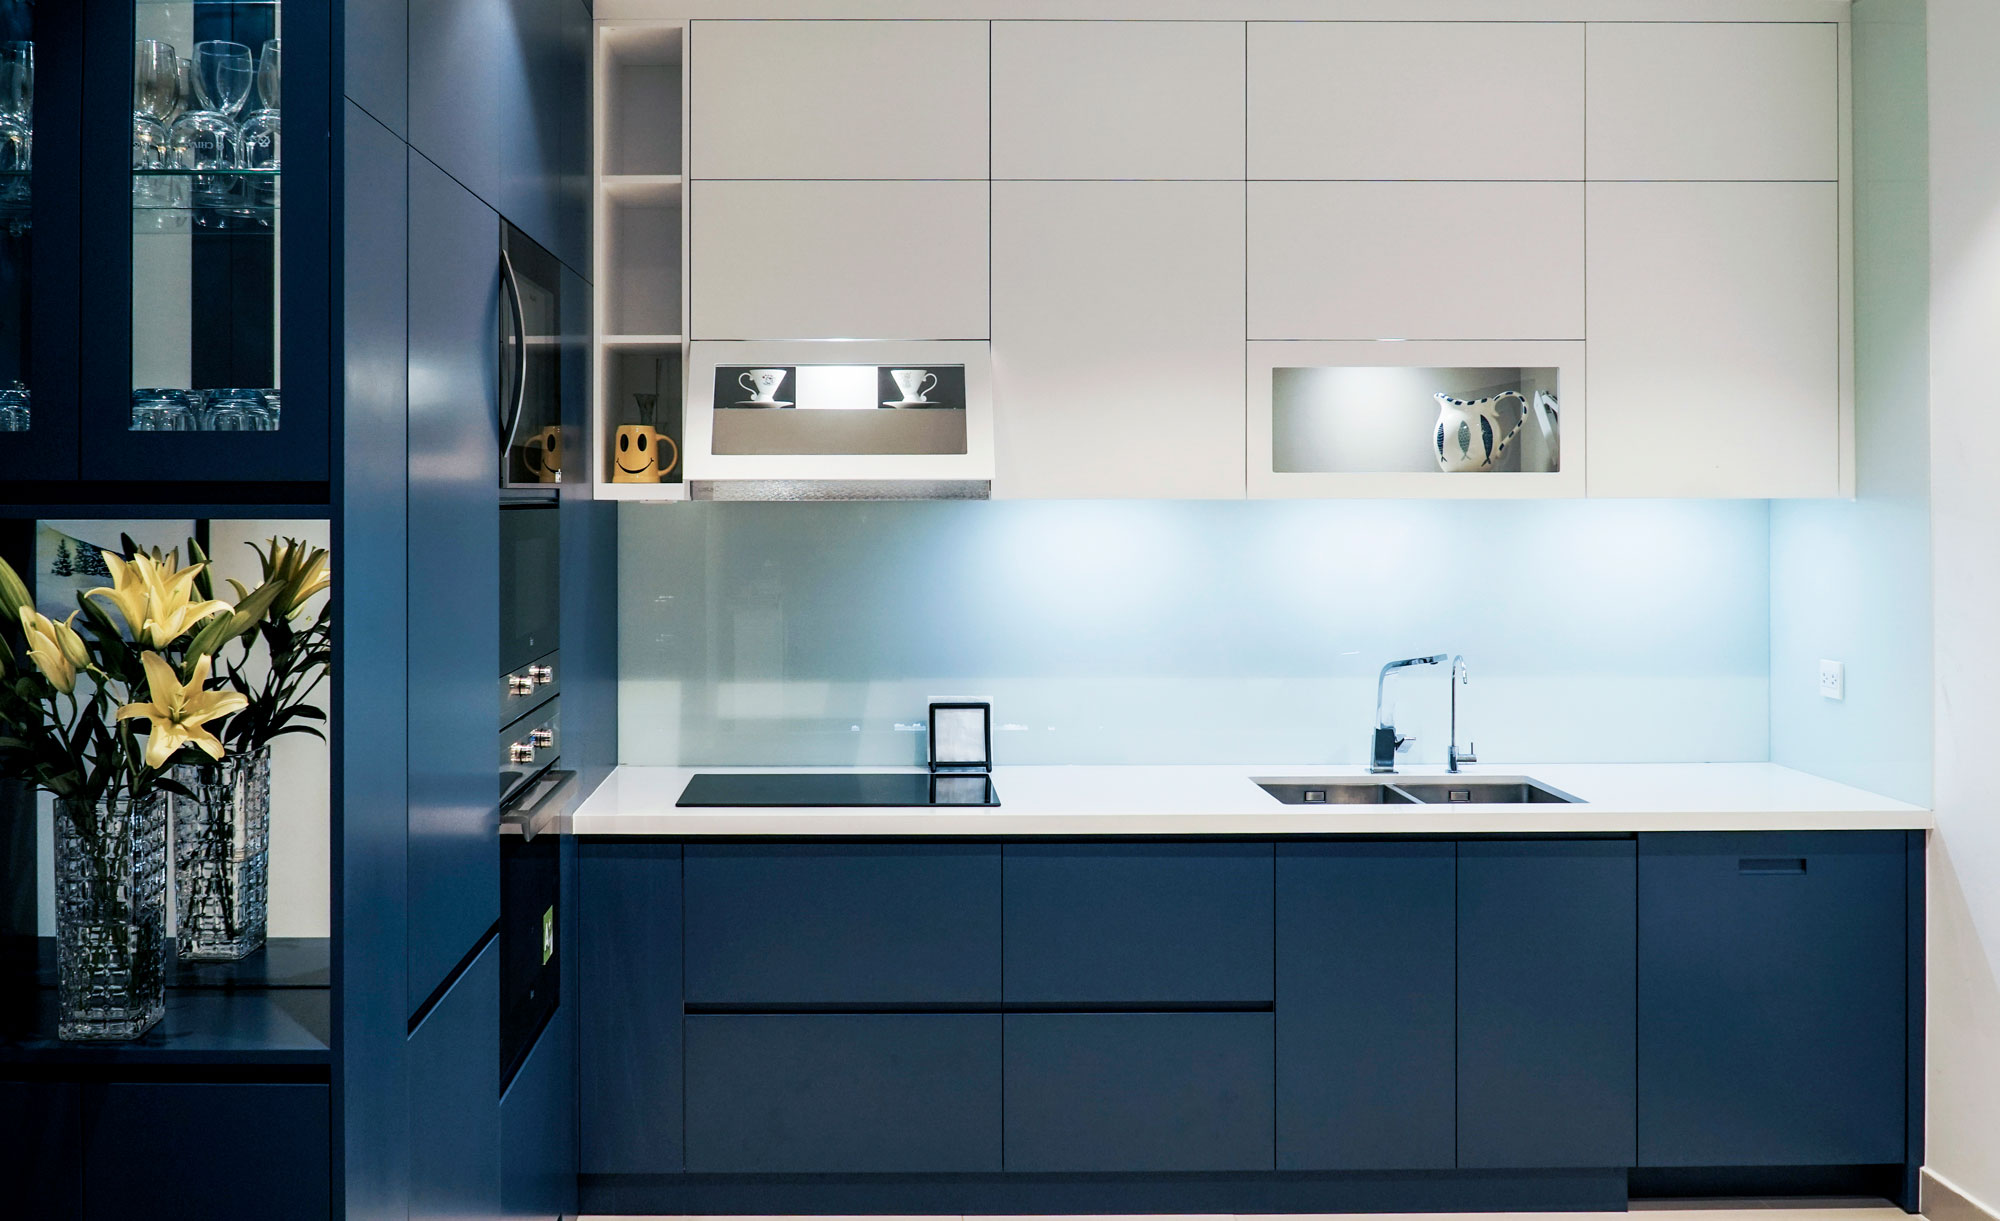 Dịch vụ thiết kế thi công tủ bếp tại Quảng Ninh